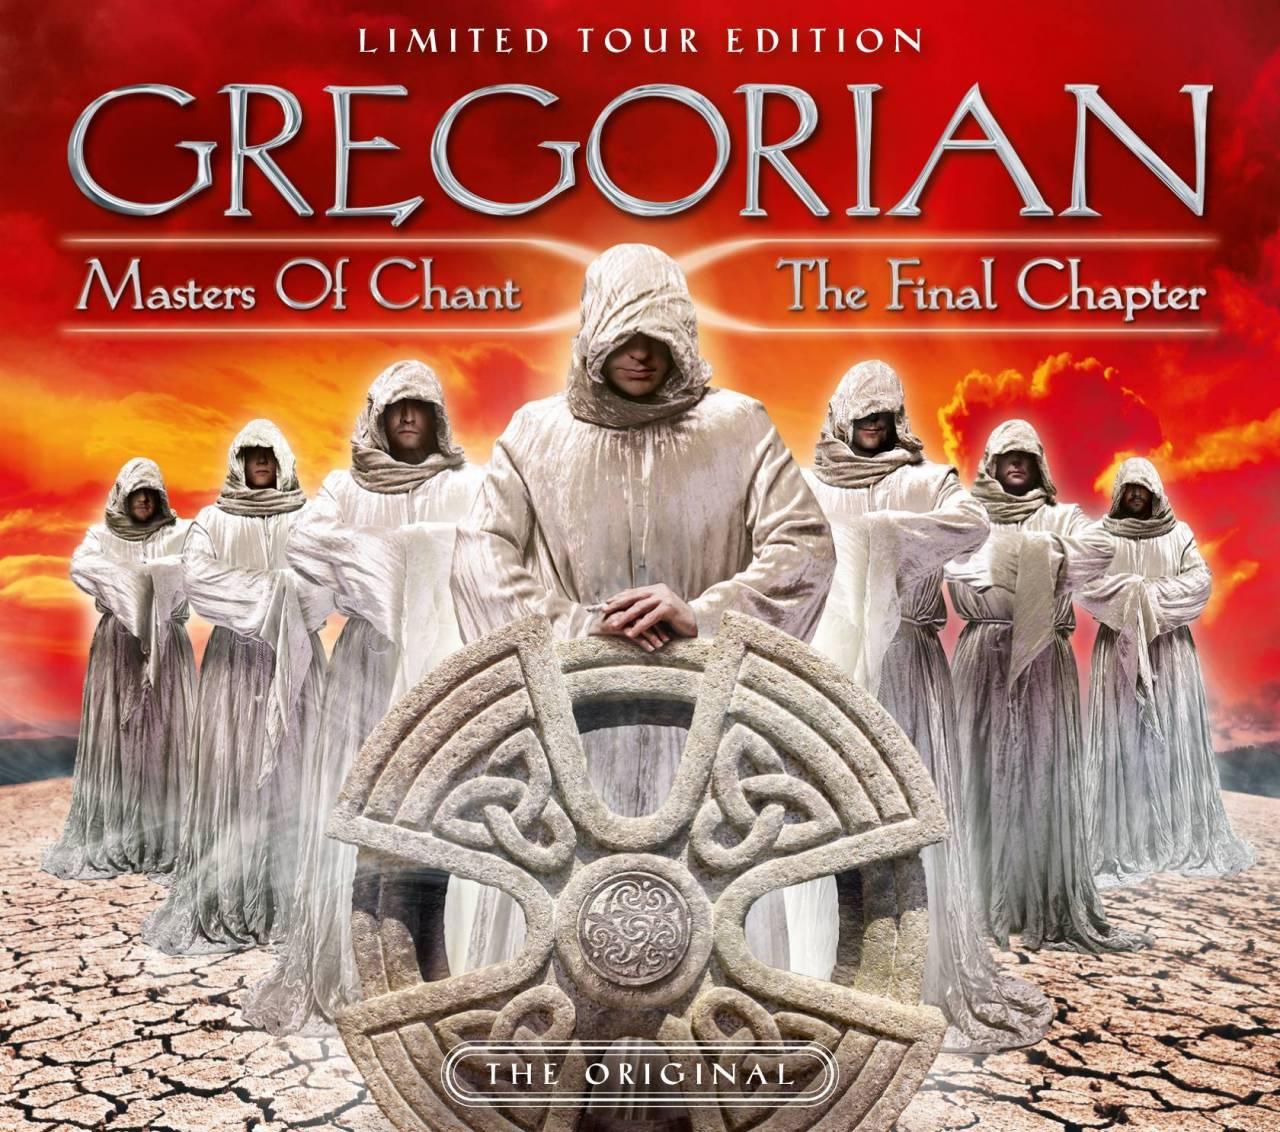 Gregorian 09.02.2019